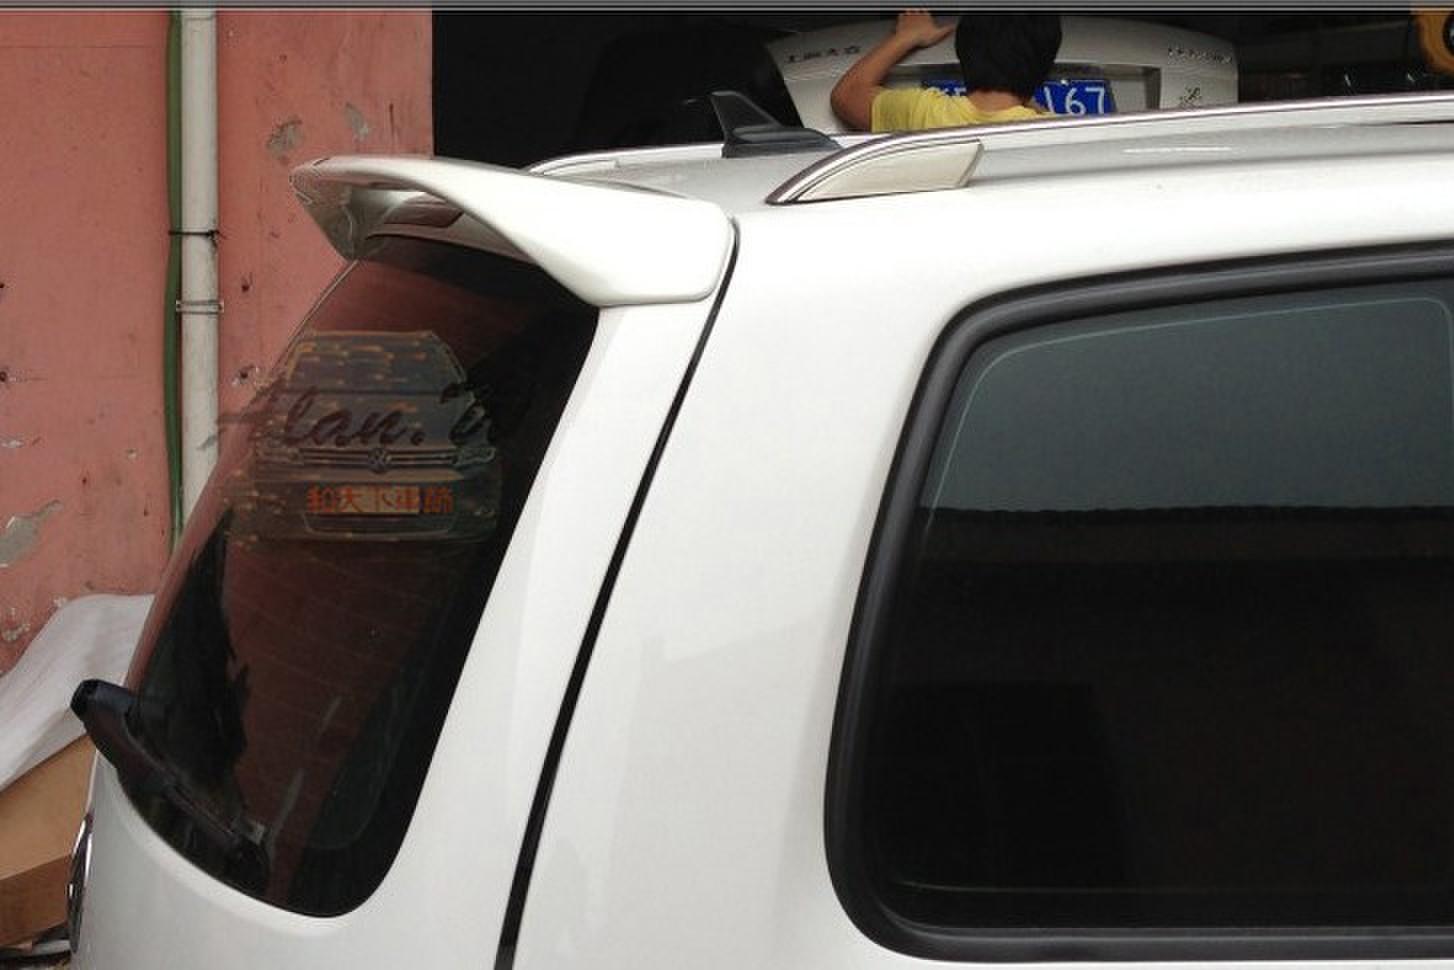 спойлер Volkswagen Touran крыло верхнего крыла крыло удар Abt, отверстие бесплатно вставить краска Touran модификации